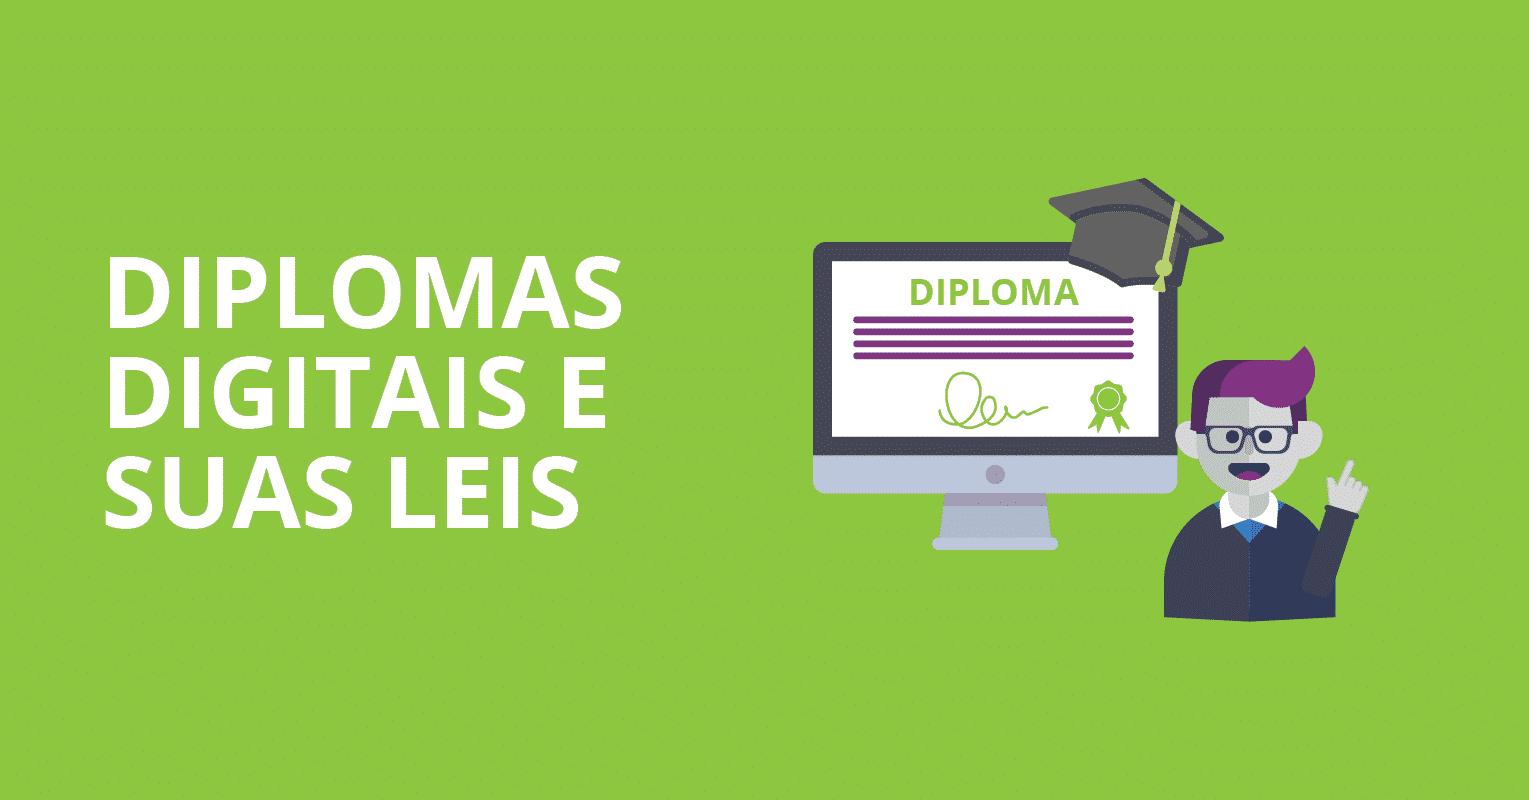 Diplomas digitais e seus leis